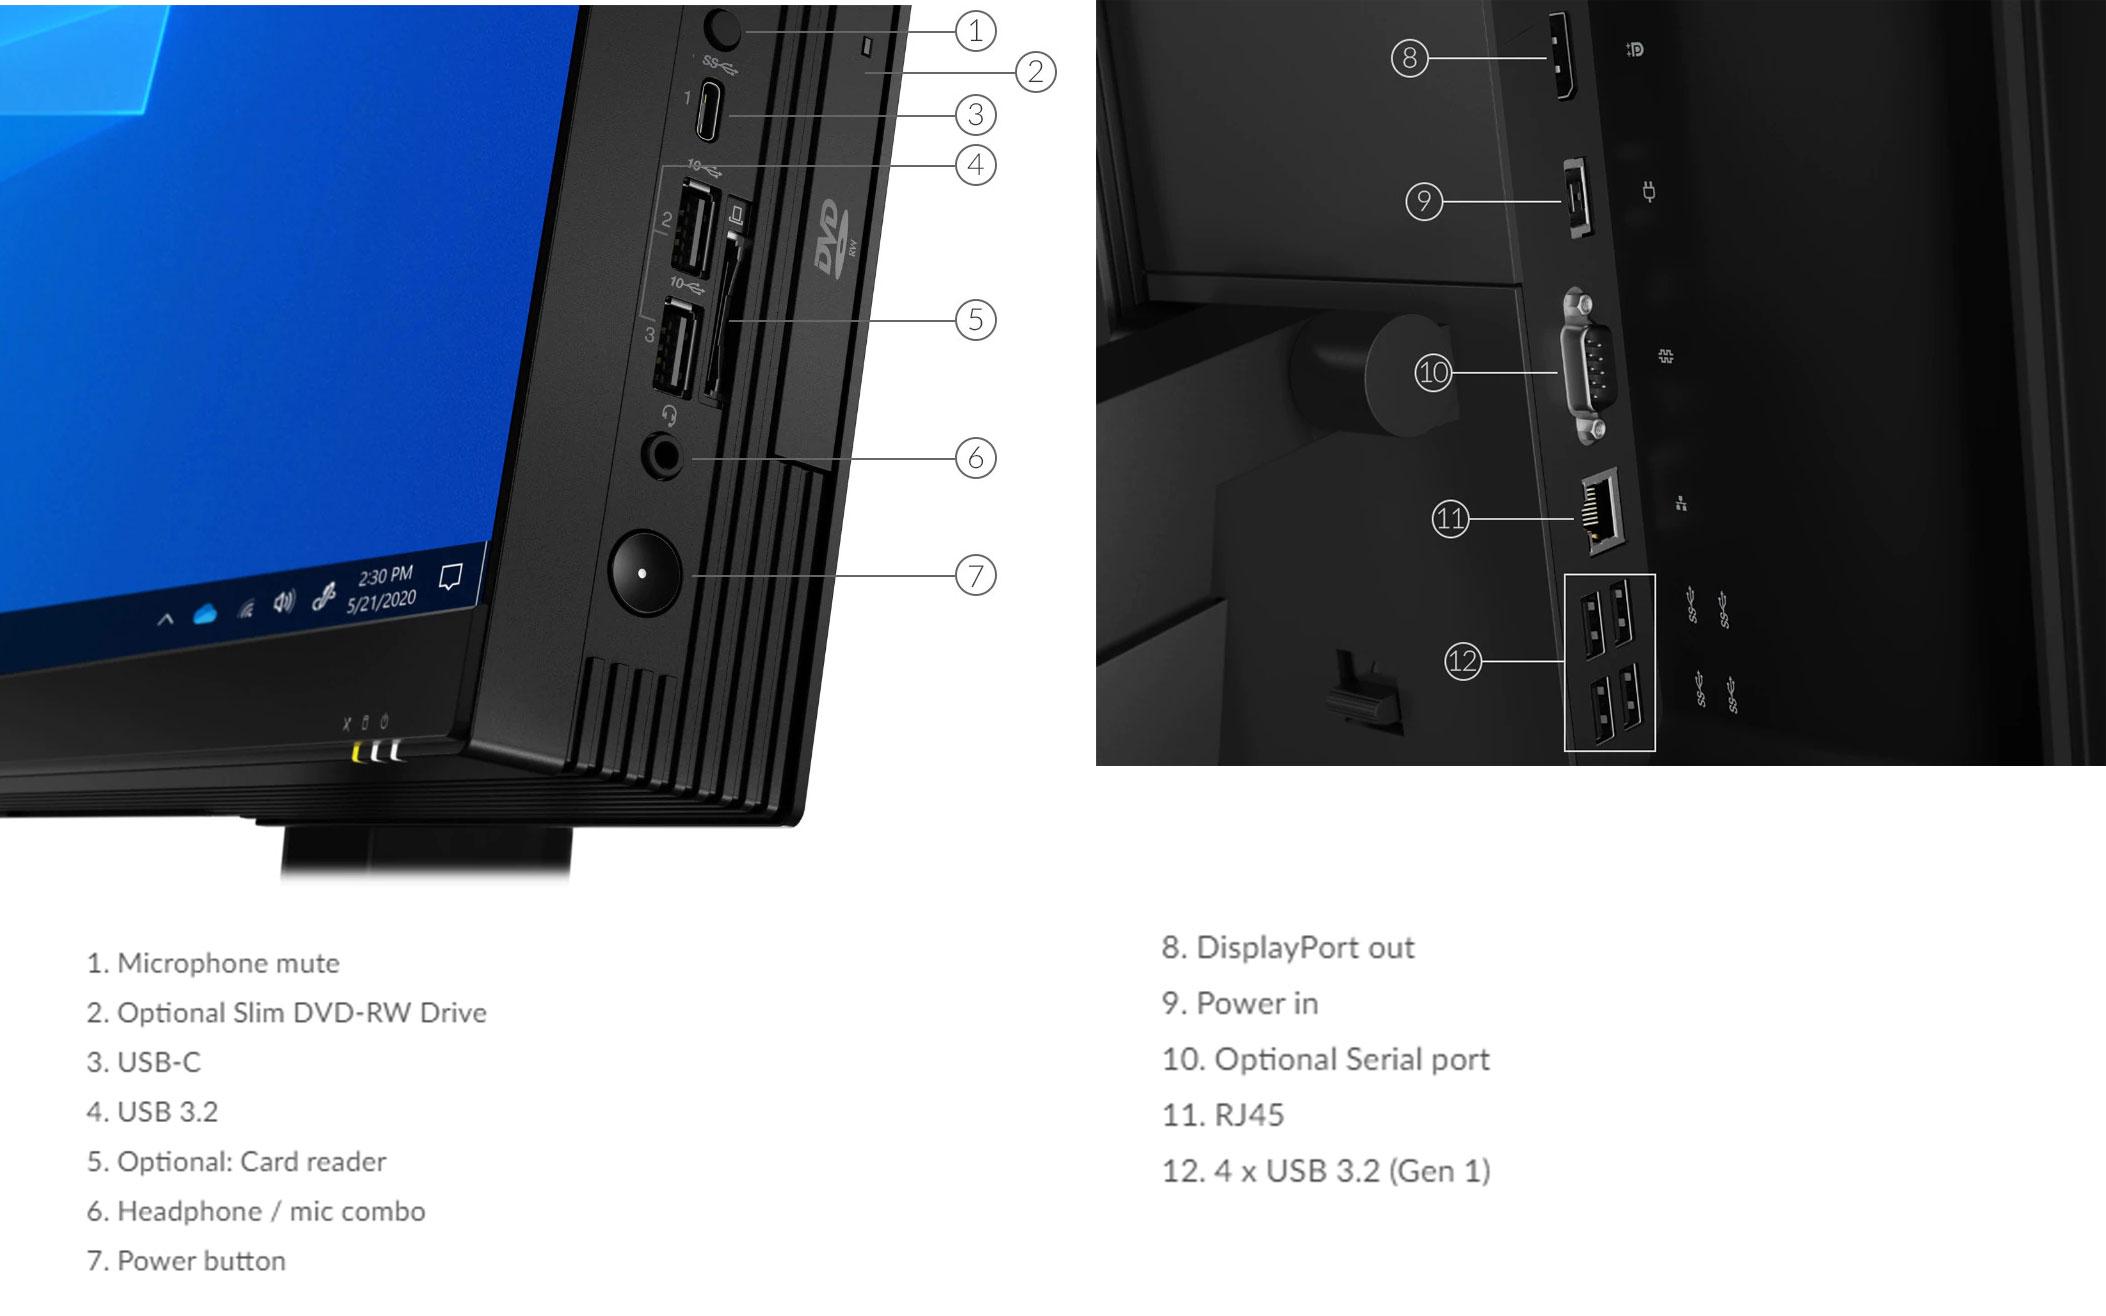 آل این وان لنوو مدل Thinkcentre M70a پردازنده i5